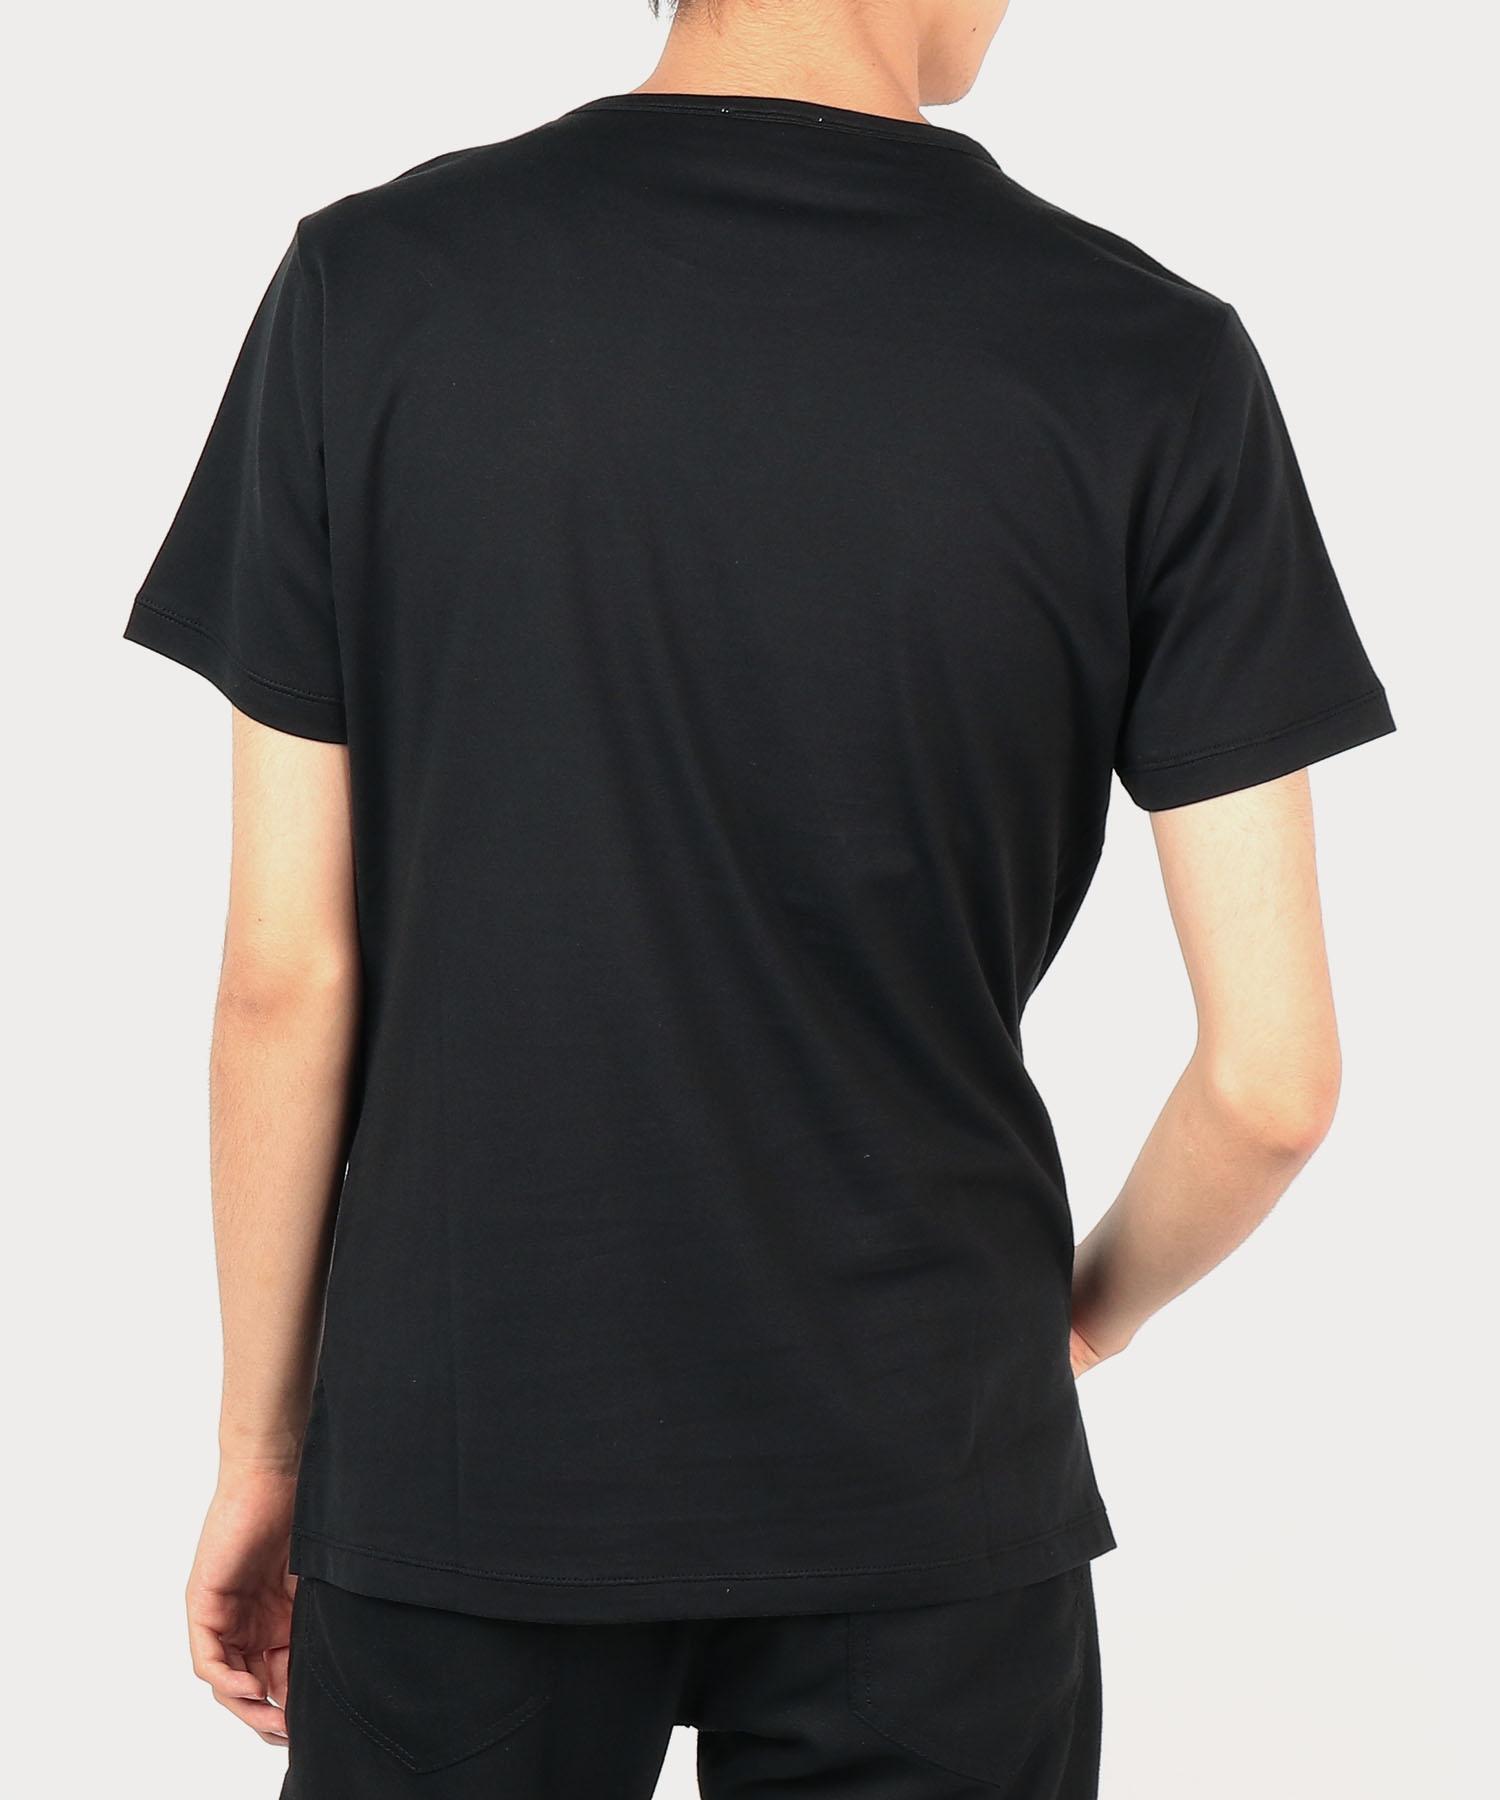 キスミーキティ クラシック半袖Tシャツ